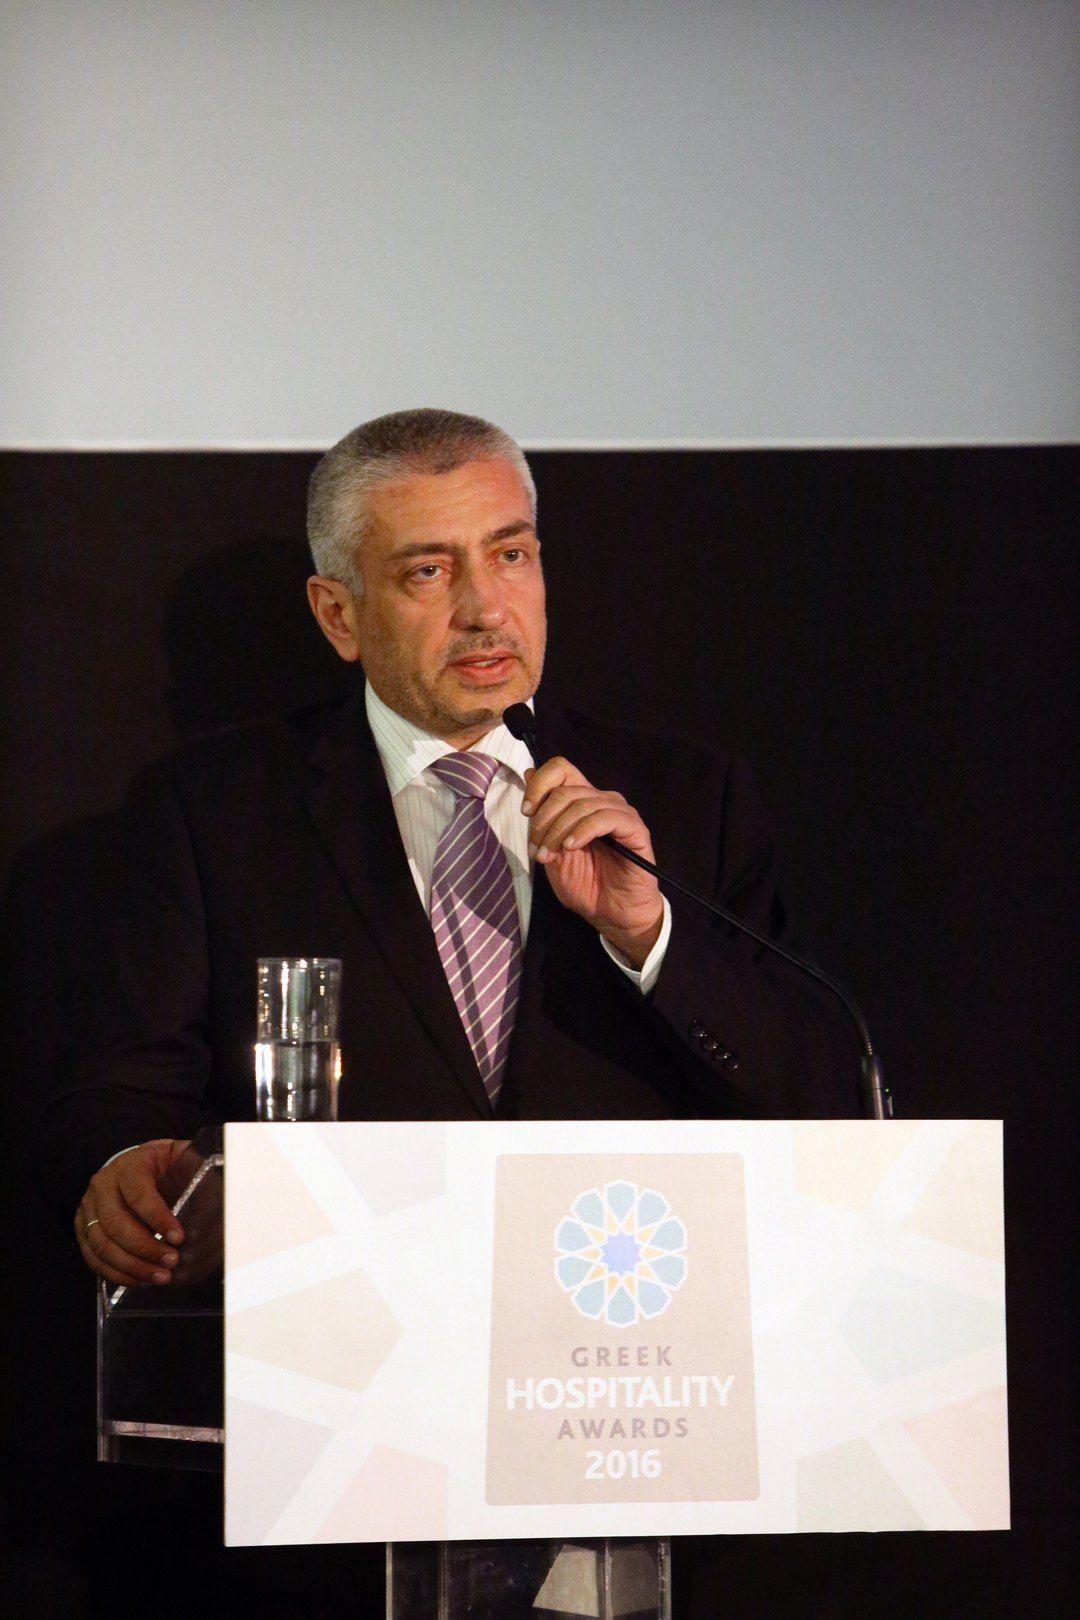 Χαιρετισμός Κωνσταντίνου Ουζούνη, Γενικού Διευθυντή της Ethos Media S.A.